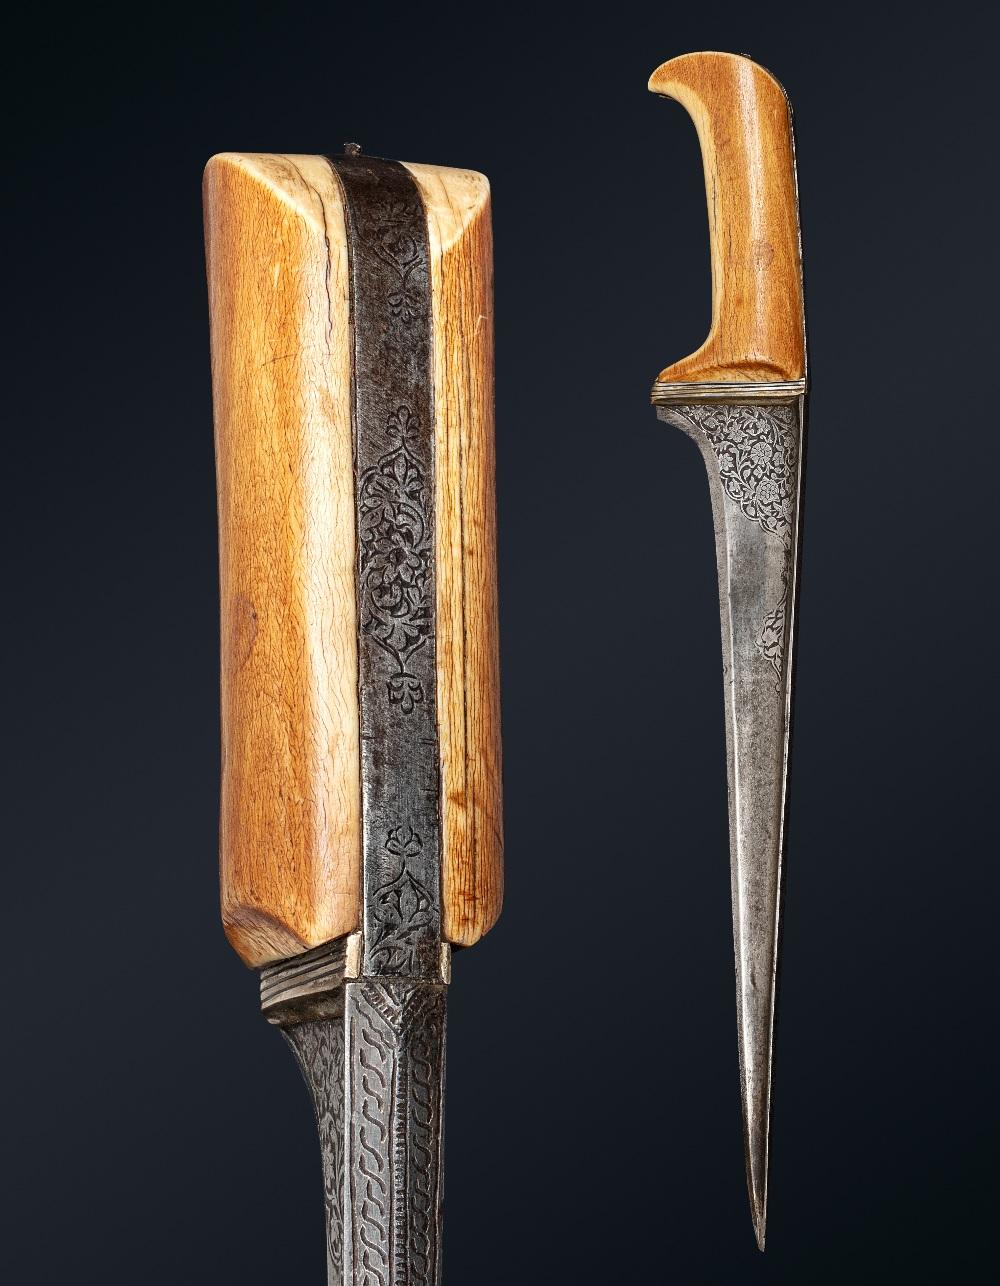 Beau PeshkabzInde, vers 1800Dague à poignée en ivoire soie en acier, lame droite à damas ondulé à